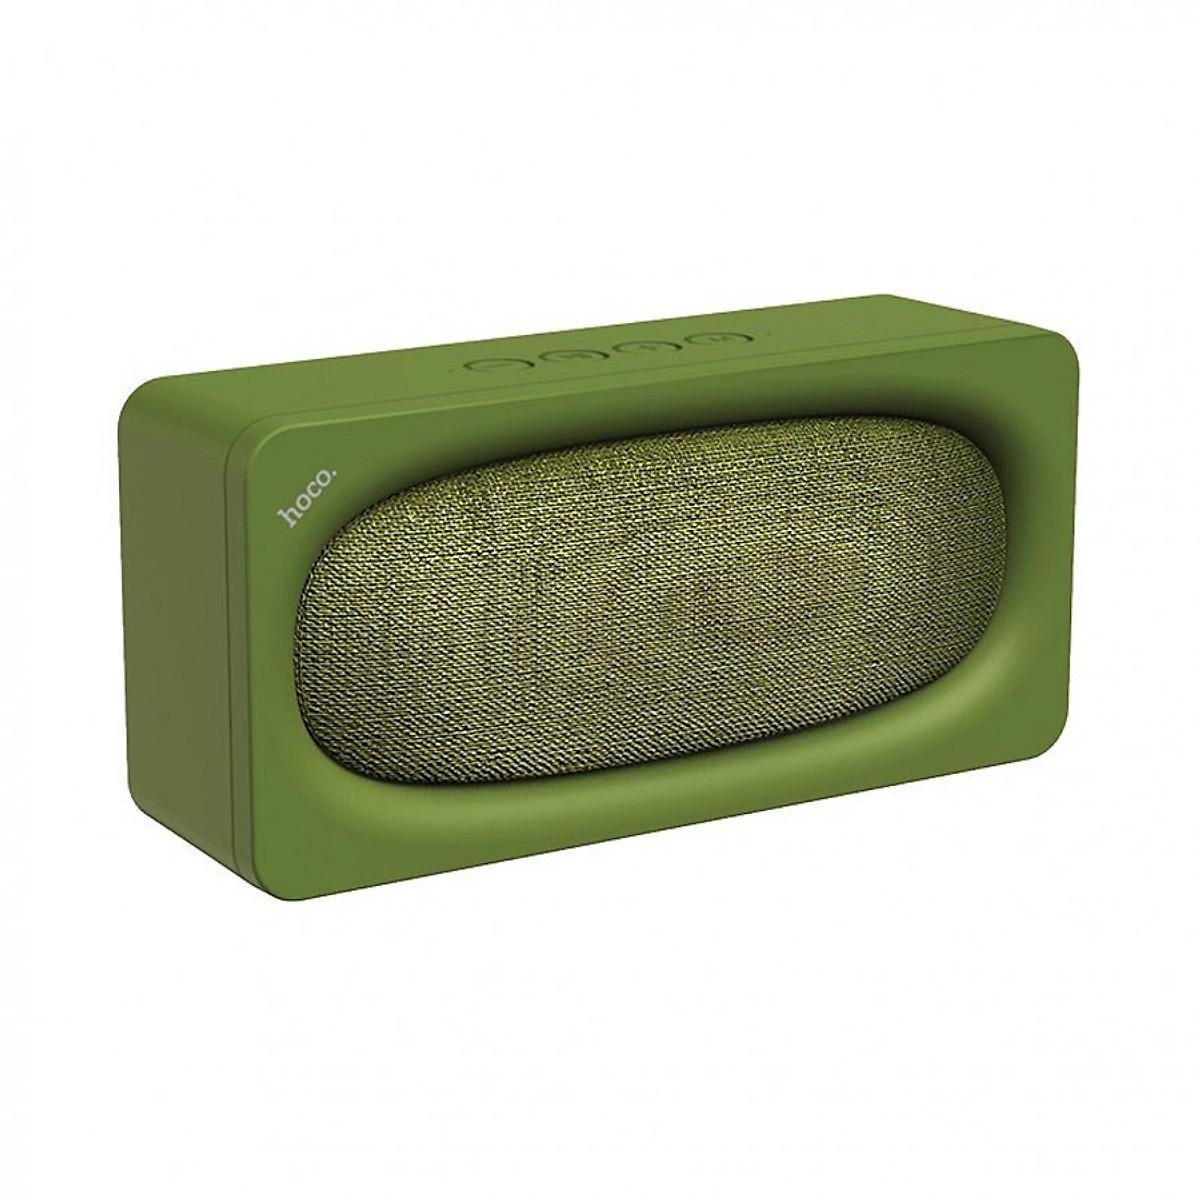 Loa Bluetooth HOCO BS27  âm thanh chân thực sử dụng liên tục 6 giờ màu xanh quân đội - Hàng chính hãng